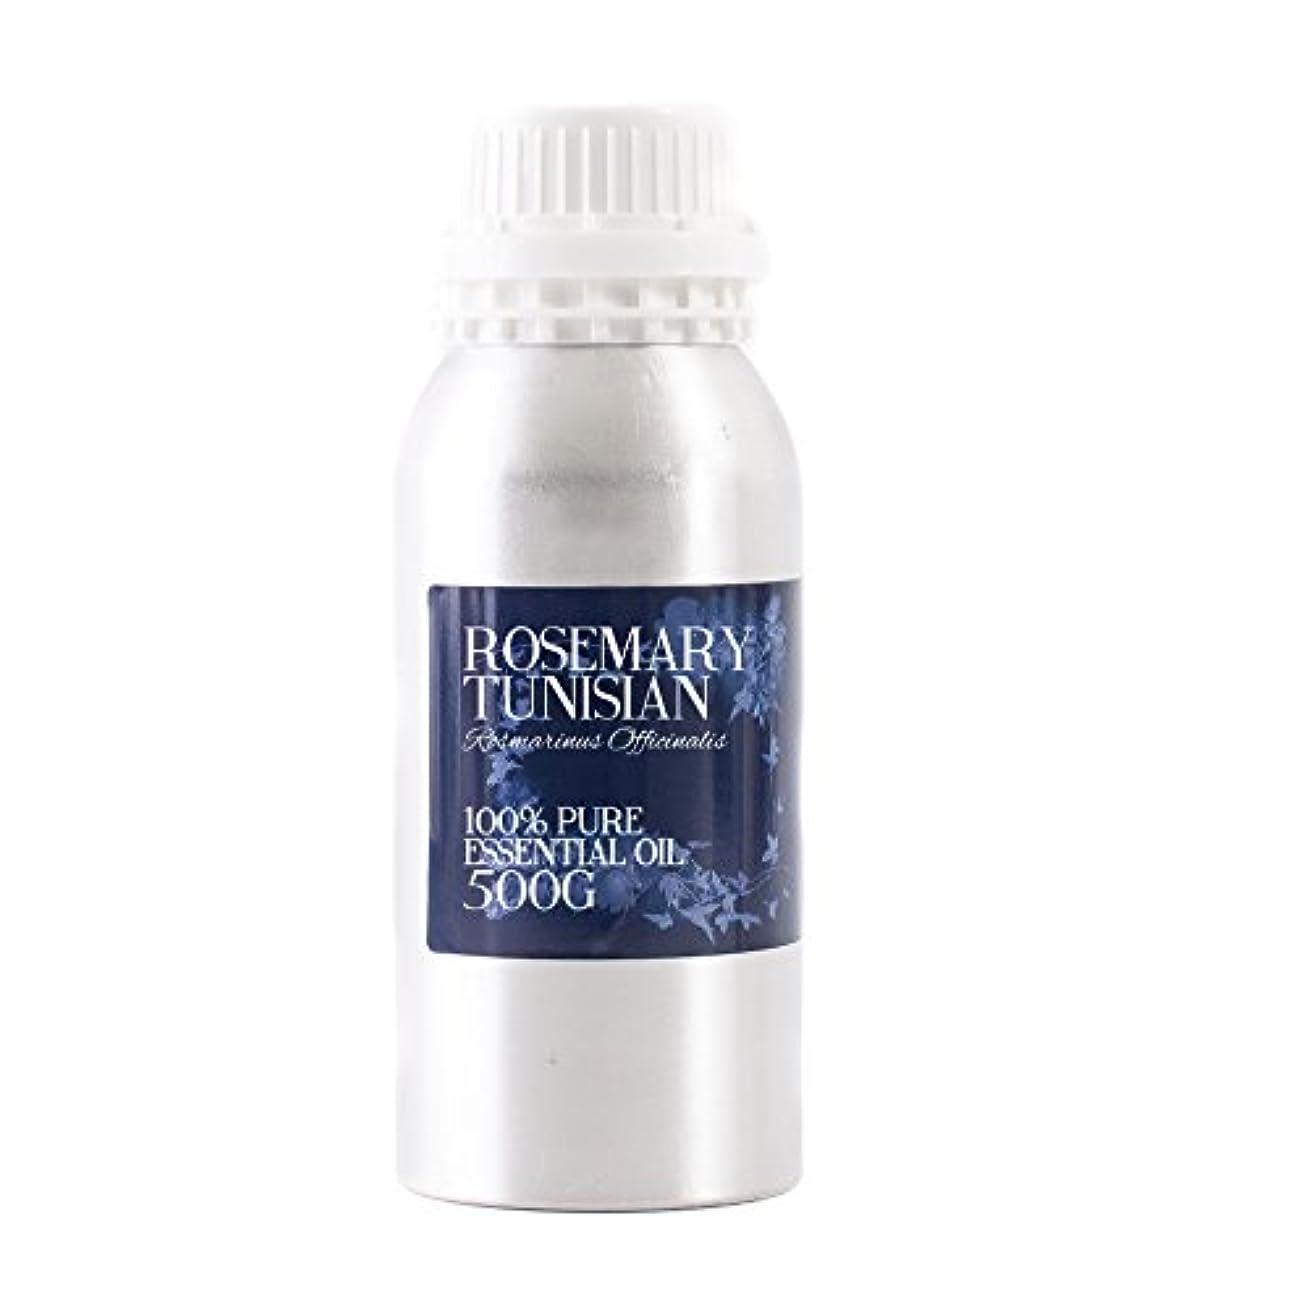 耳アニメーションスピーカーMystic Moments | Rosemary Tunisian Essential Oil - 500g - 100% Pure